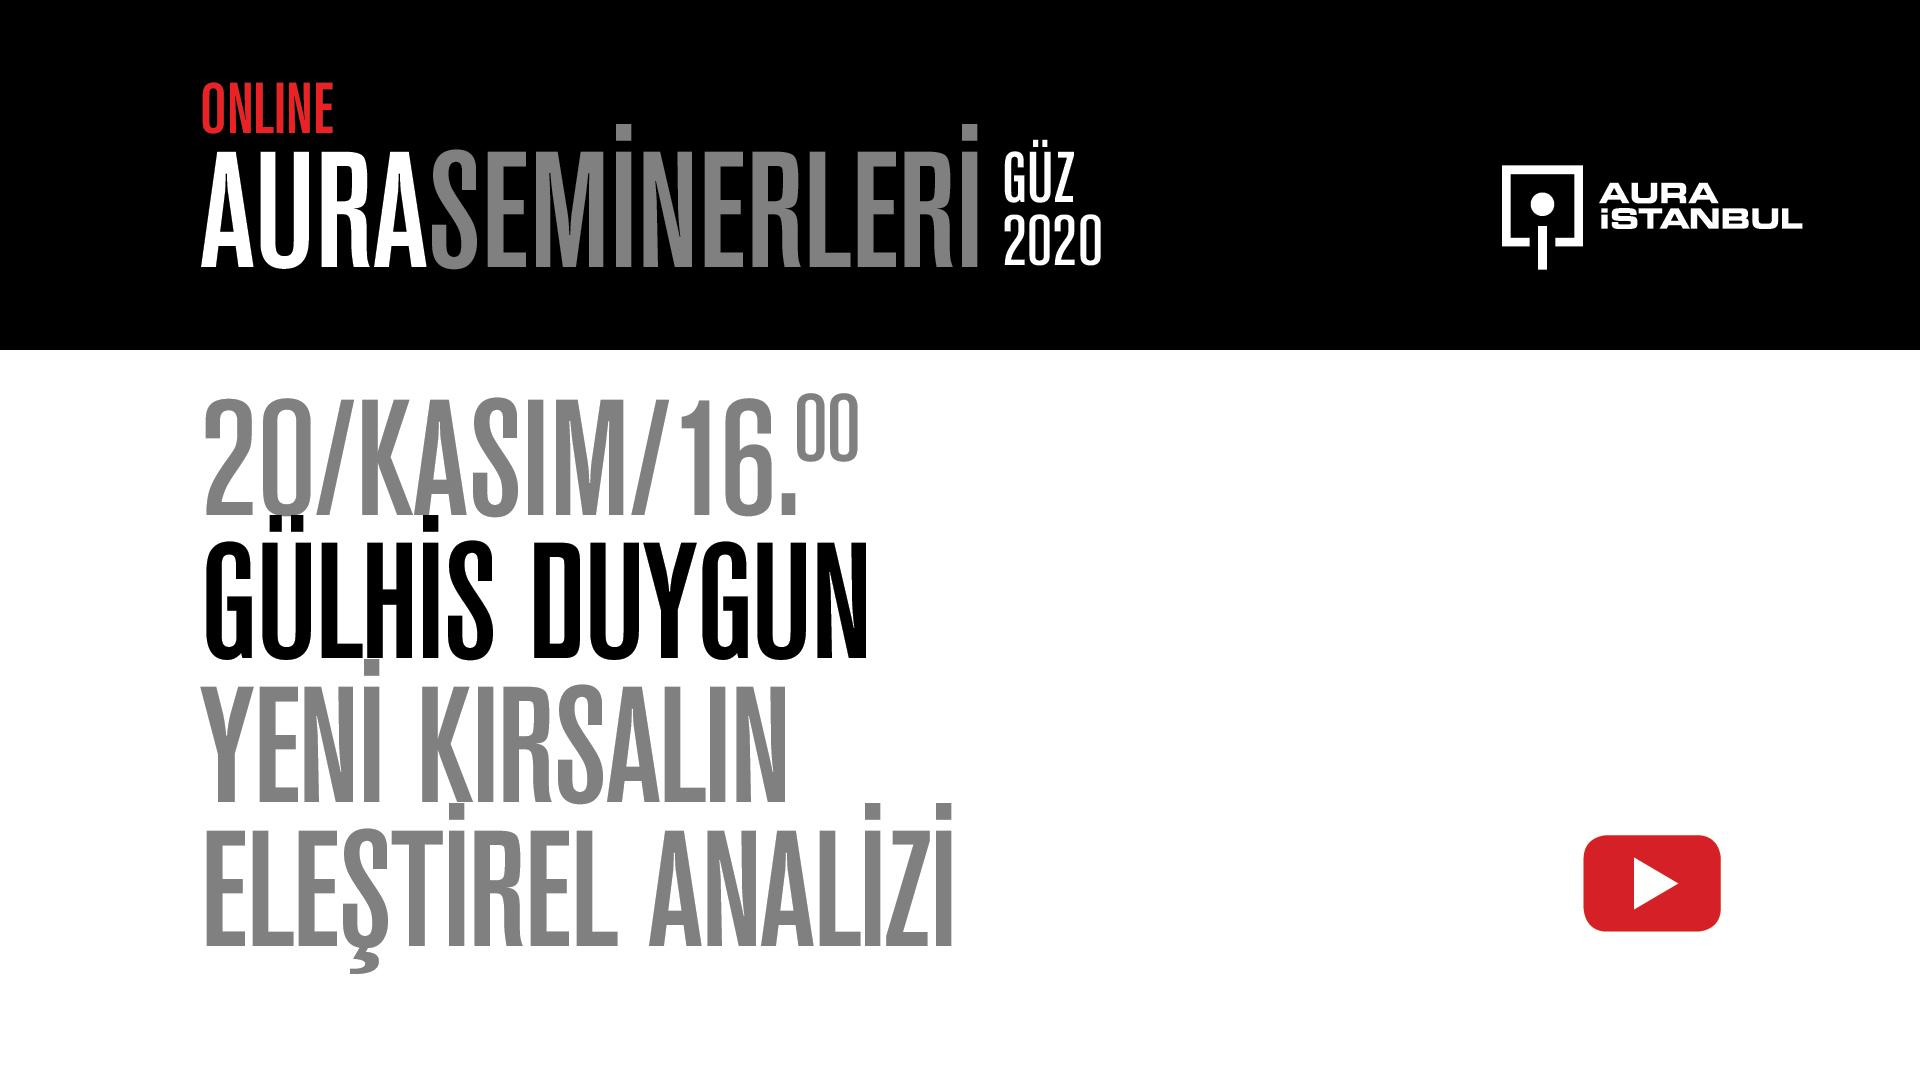 """AURA Seminerleri: Gülhis Duygun """"Yeni Kırsalın Eleştirel Analizi"""""""